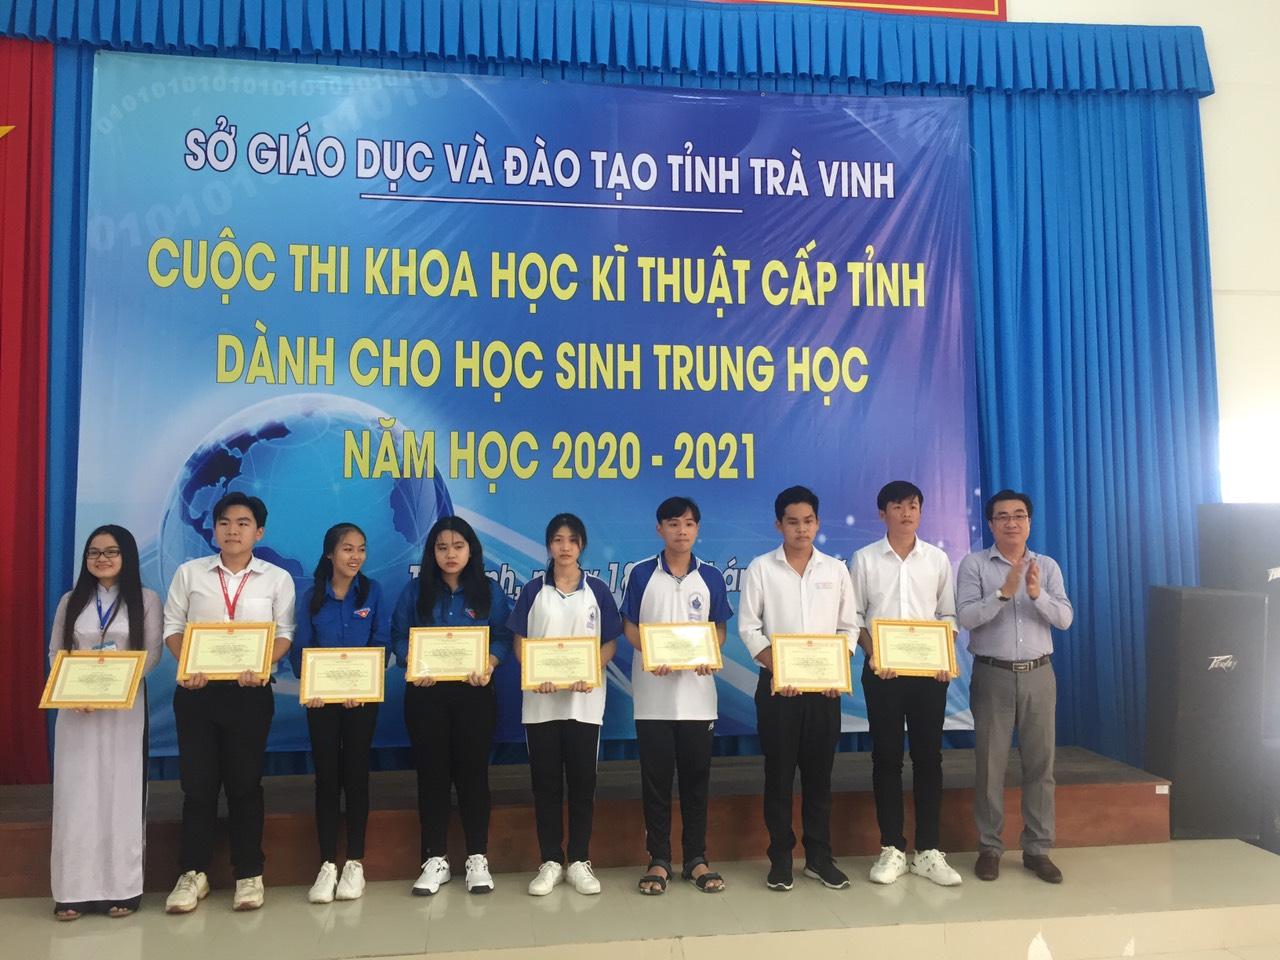 """Sở Giáo dục và Đào tạo Trà Vinh tổ chức Cuộc thi """"Khoa học kỹ thuật"""" cấp tỉnh dành cho học sinh trung học"""